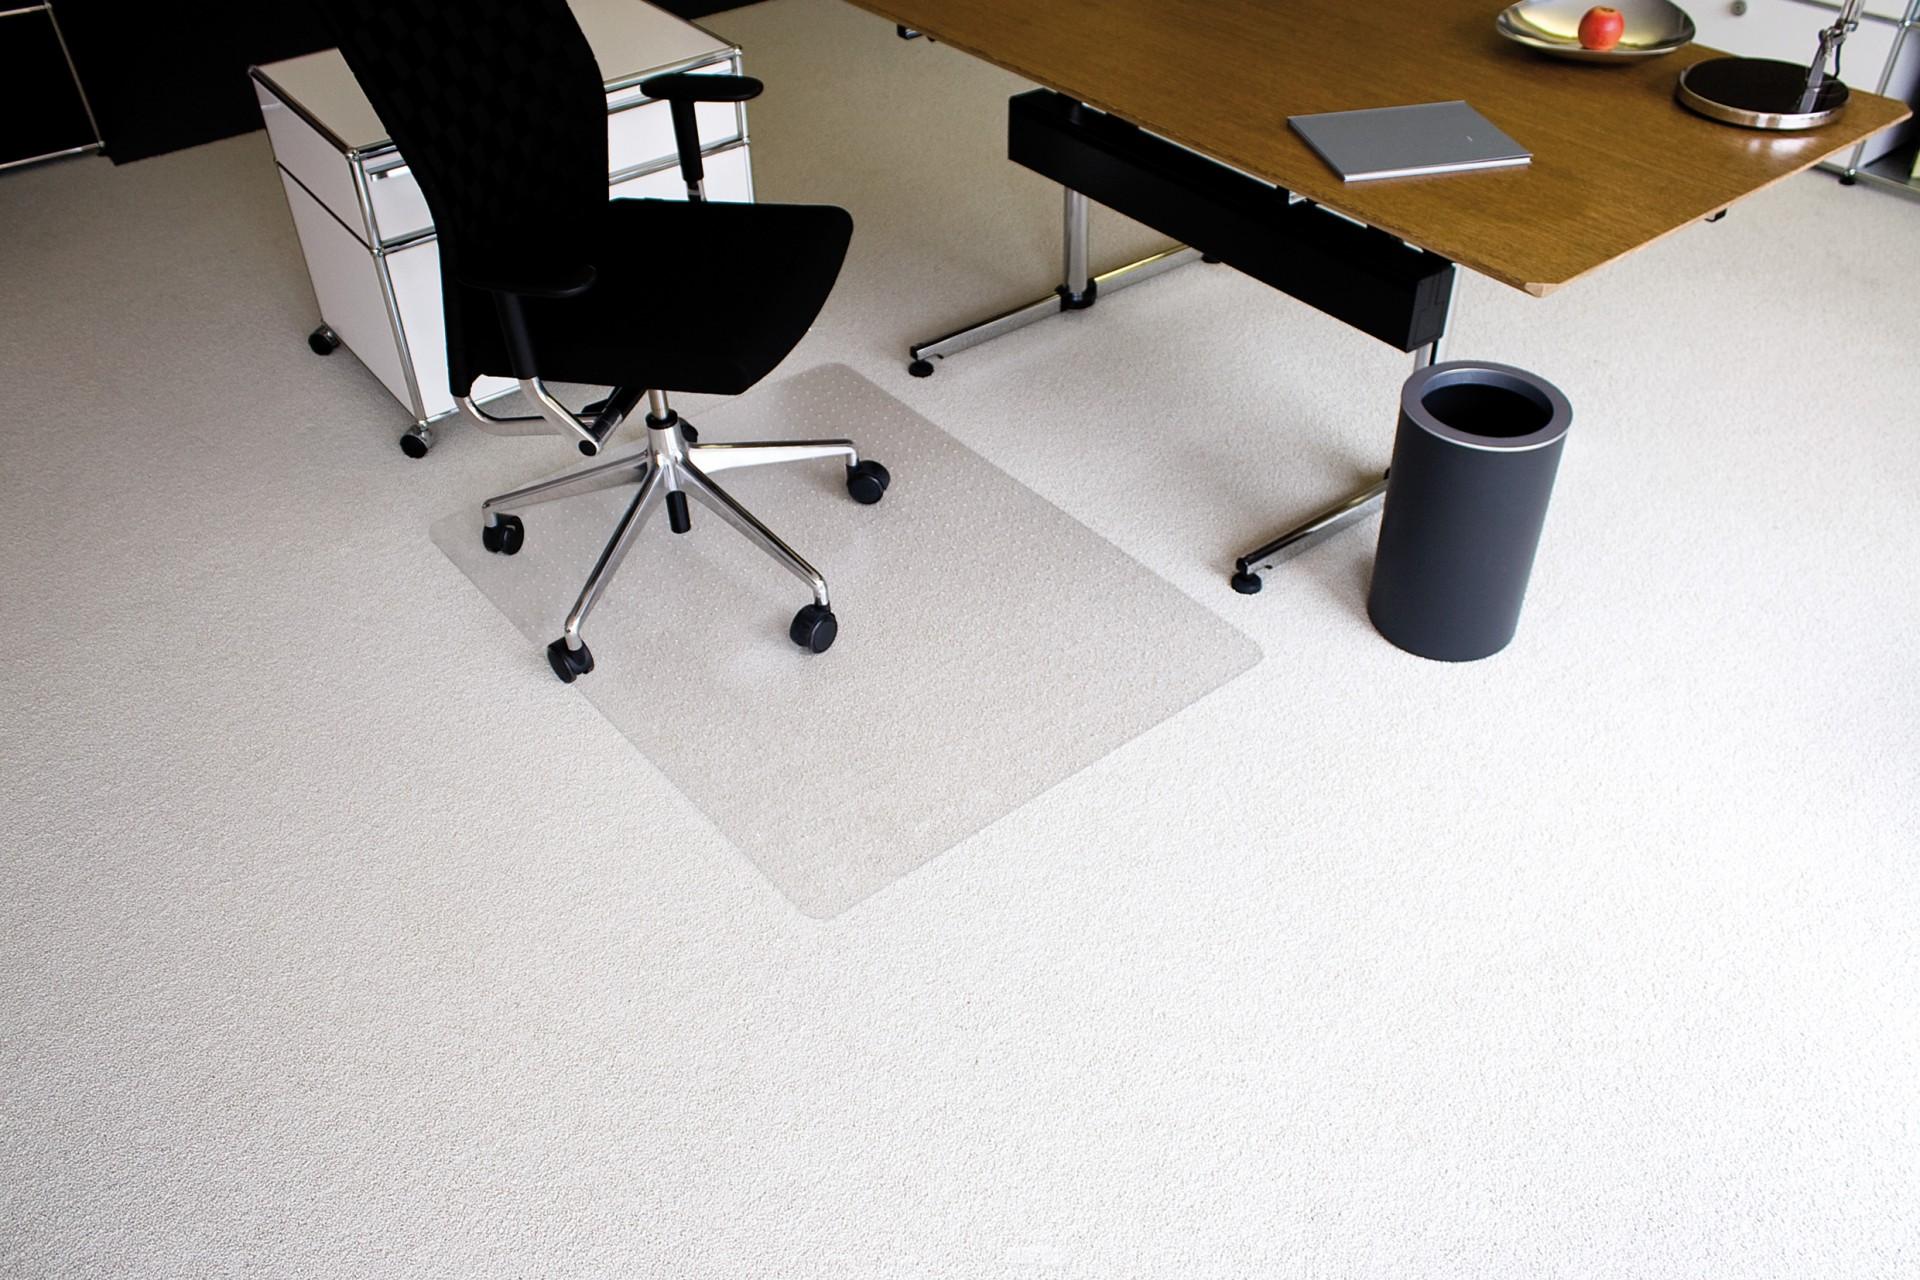 tapis de sol pour moquette achat tapis de protection 79 00. Black Bedroom Furniture Sets. Home Design Ideas